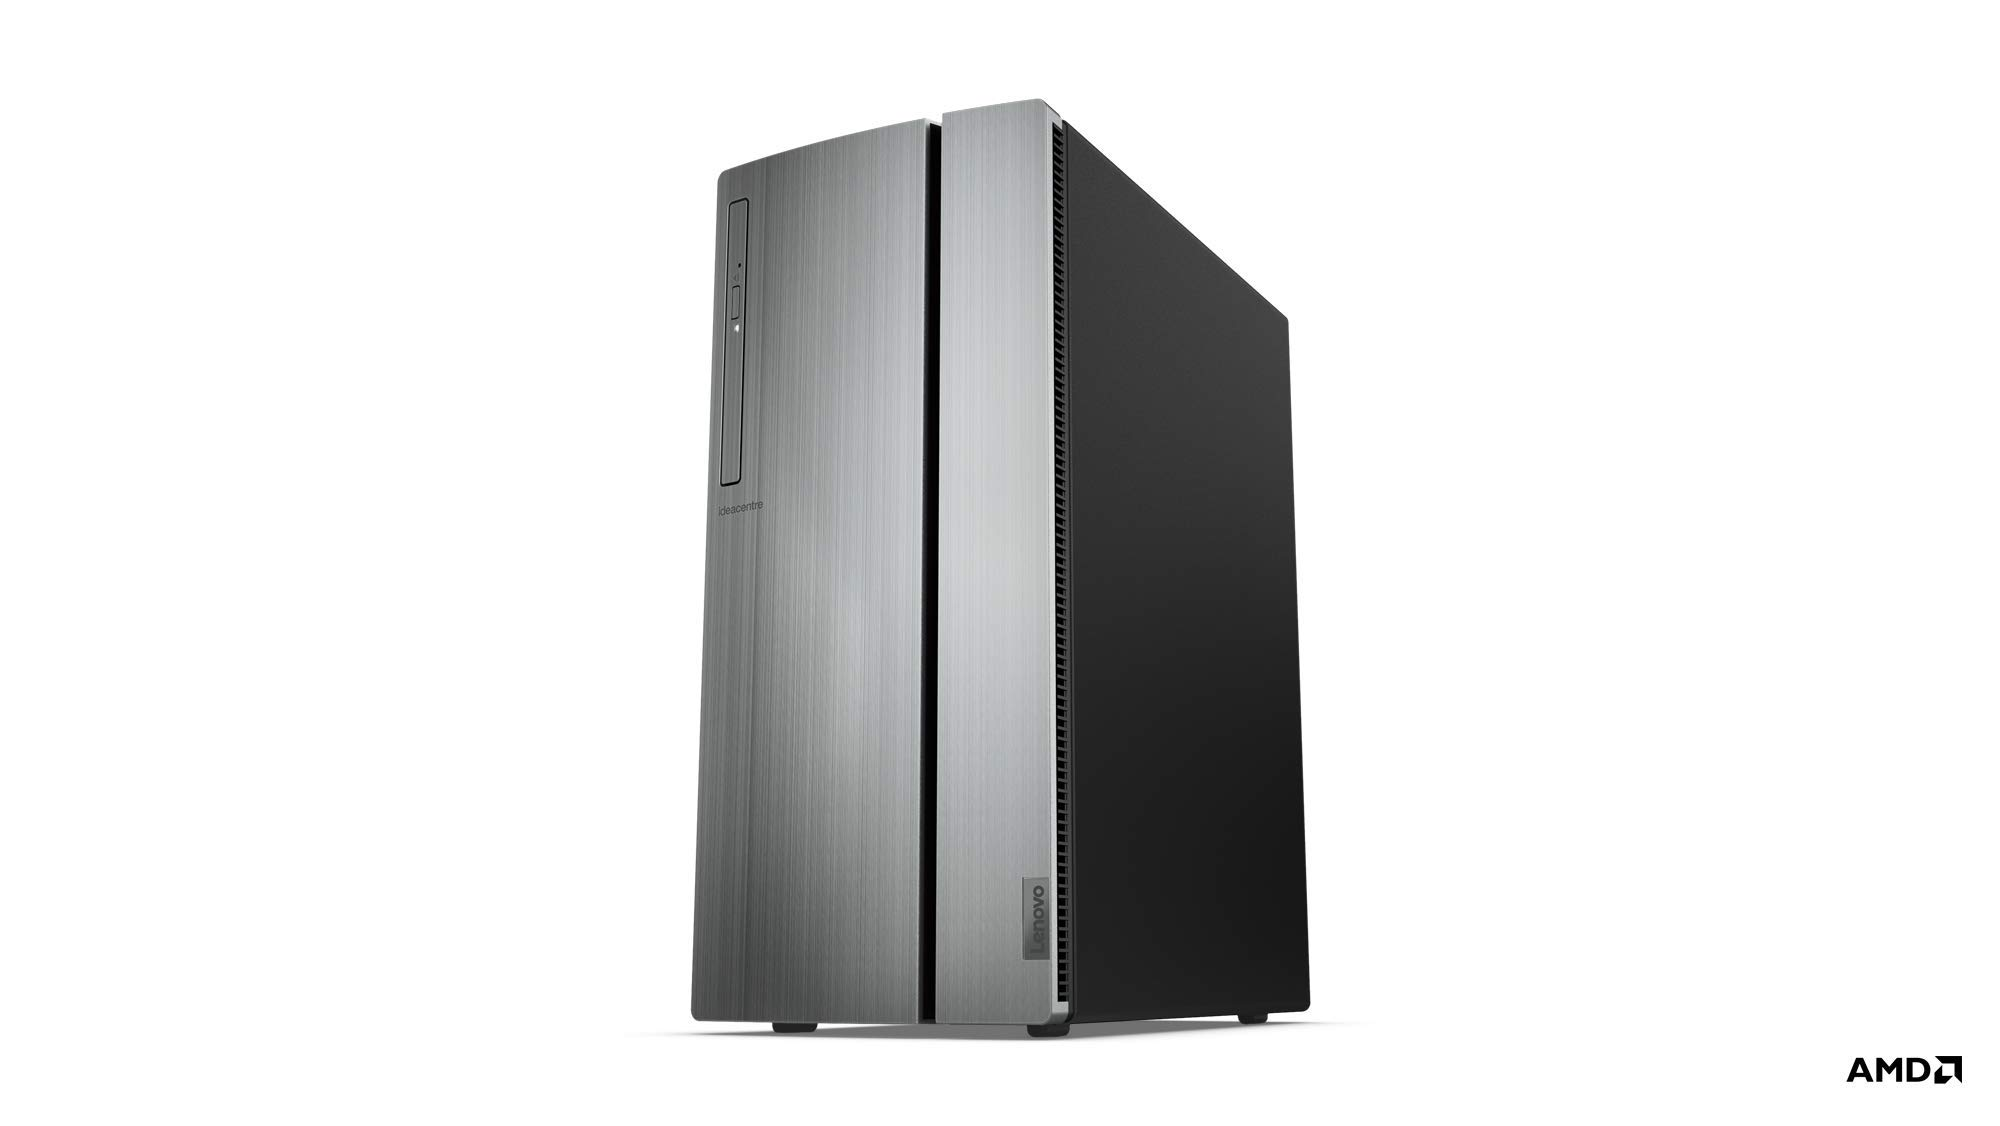 تصویر برج Lenovo IdeaCentre 720 Tower ، رایانه رومیزی 18L (پردازنده Ryzen 5 2600 ، 12 Dual Channel DDR4 ، 2TB ، AMD Radeon RX 560 Graphics ، ویندوز 10 صفحه اصلی) ، 90HY0007US ، گرم نقره